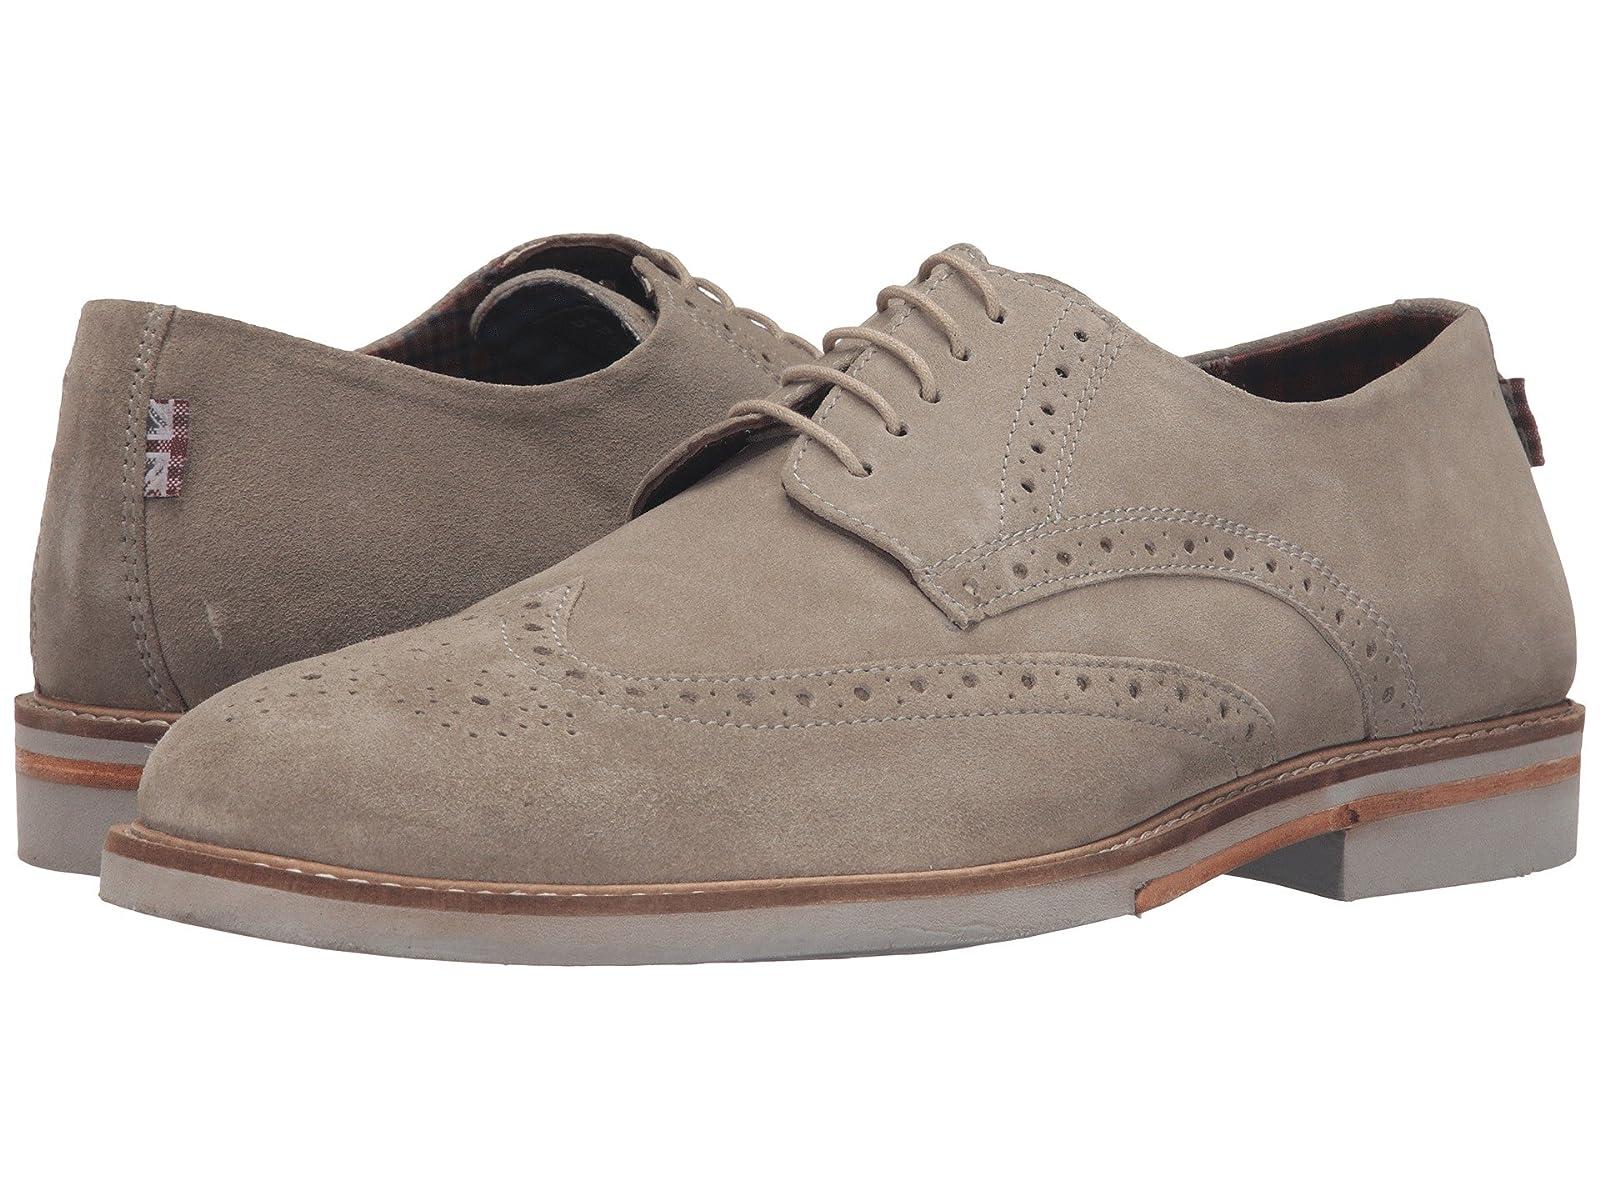 Ben Sherman Julian WingtipCheap and distinctive eye-catching shoes